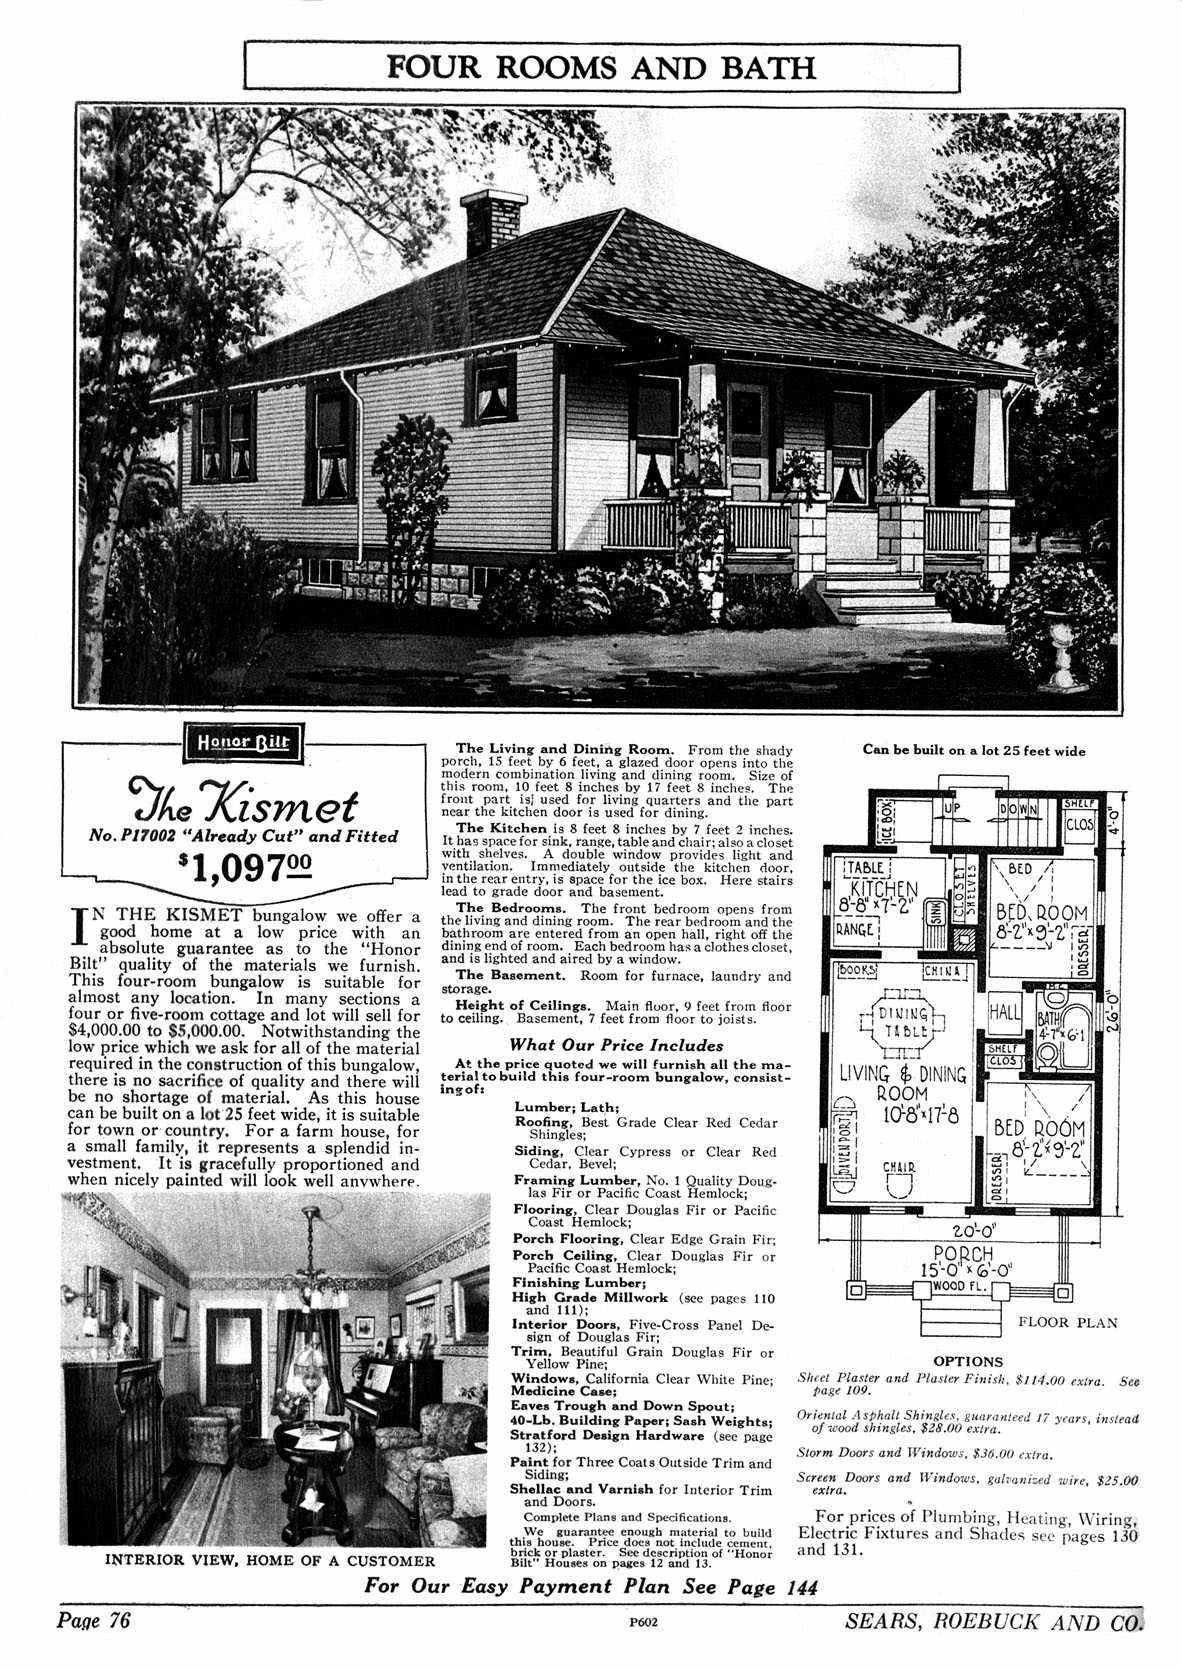 1928 P17002 Jpg 1182 1670 Vintage House Plans Bungalow Floor Plans Porch Styles